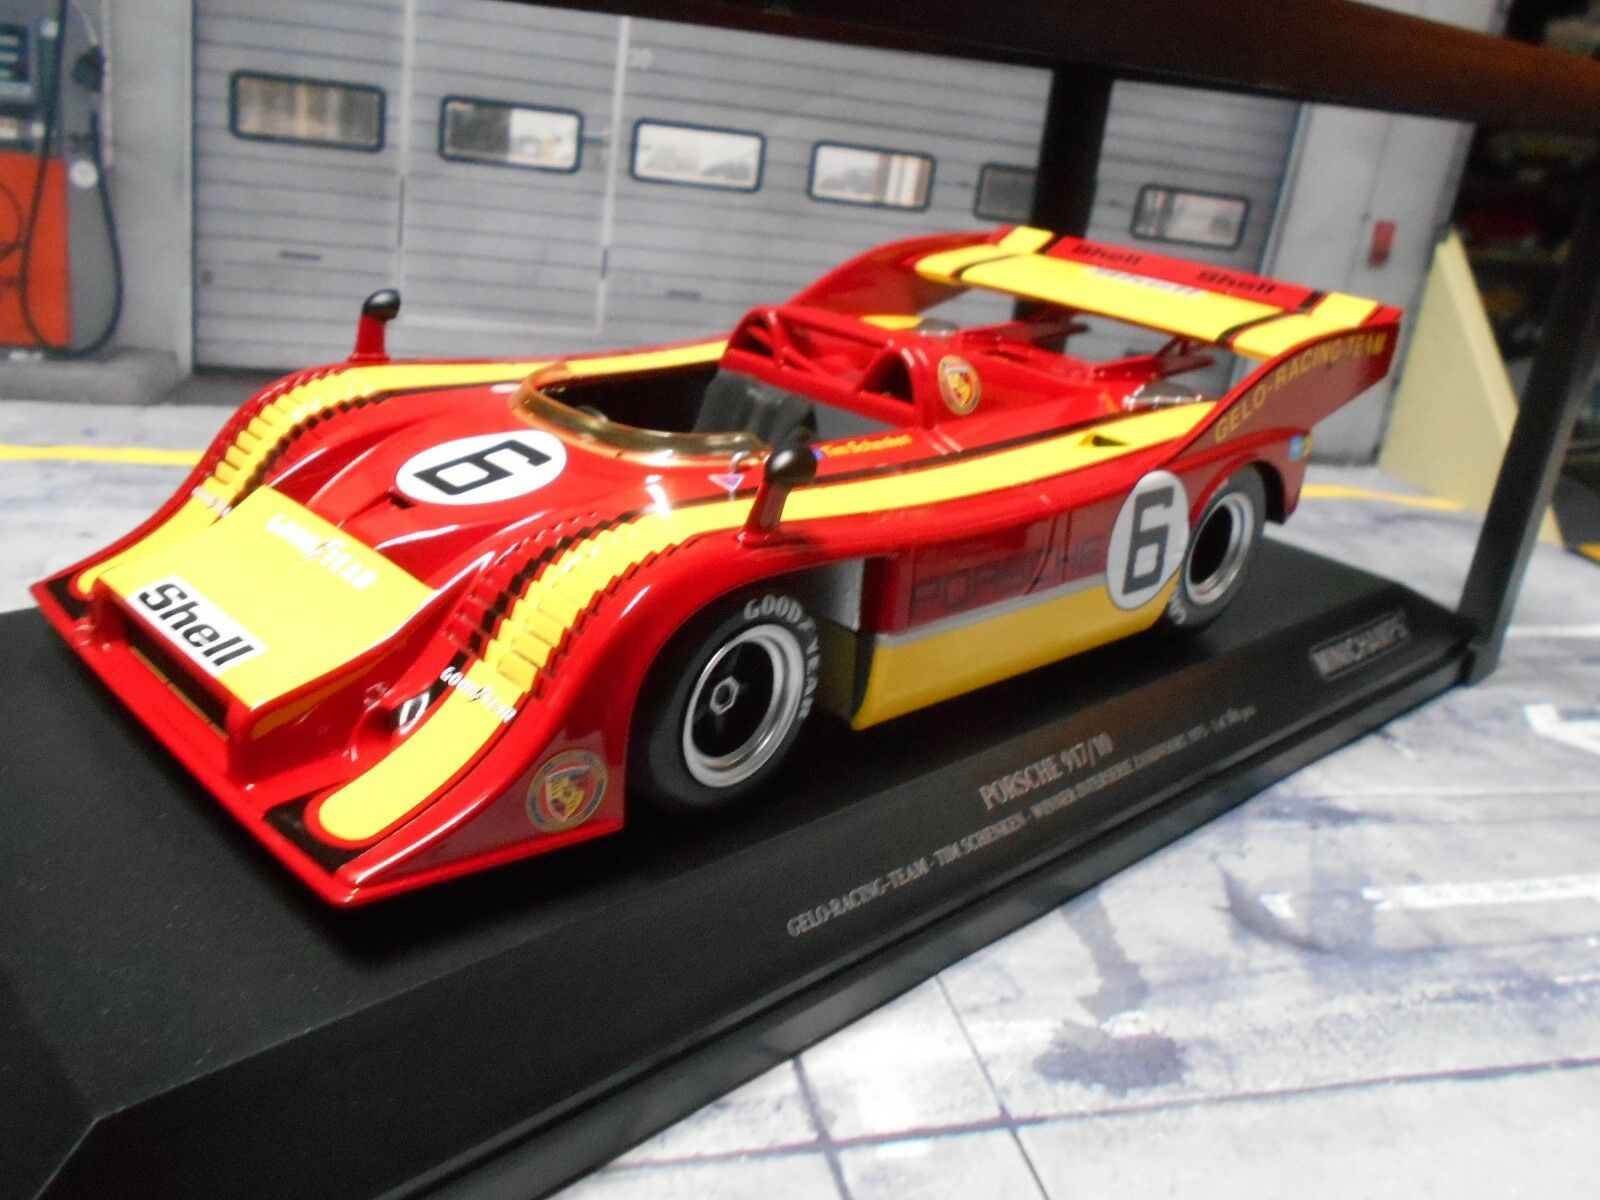 PORSCHE 917 917 10 SPYDER cancellata  6 prestare Zandvoort 1975 winner MINICHAMPS 1 18